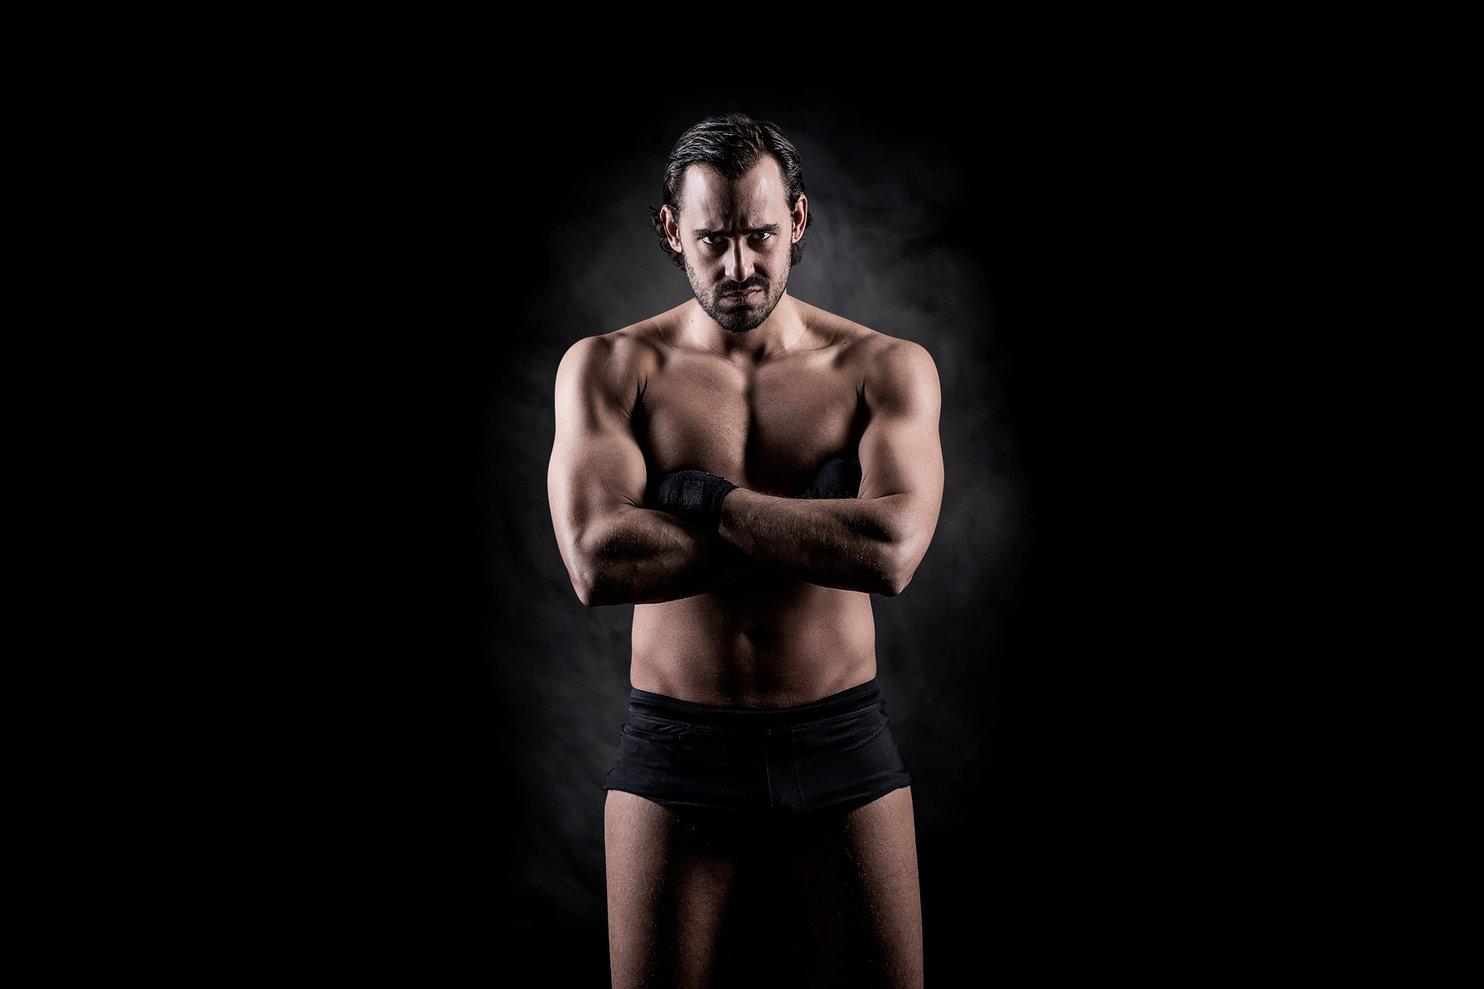 Ariel Levy Retrato Lucha Libre